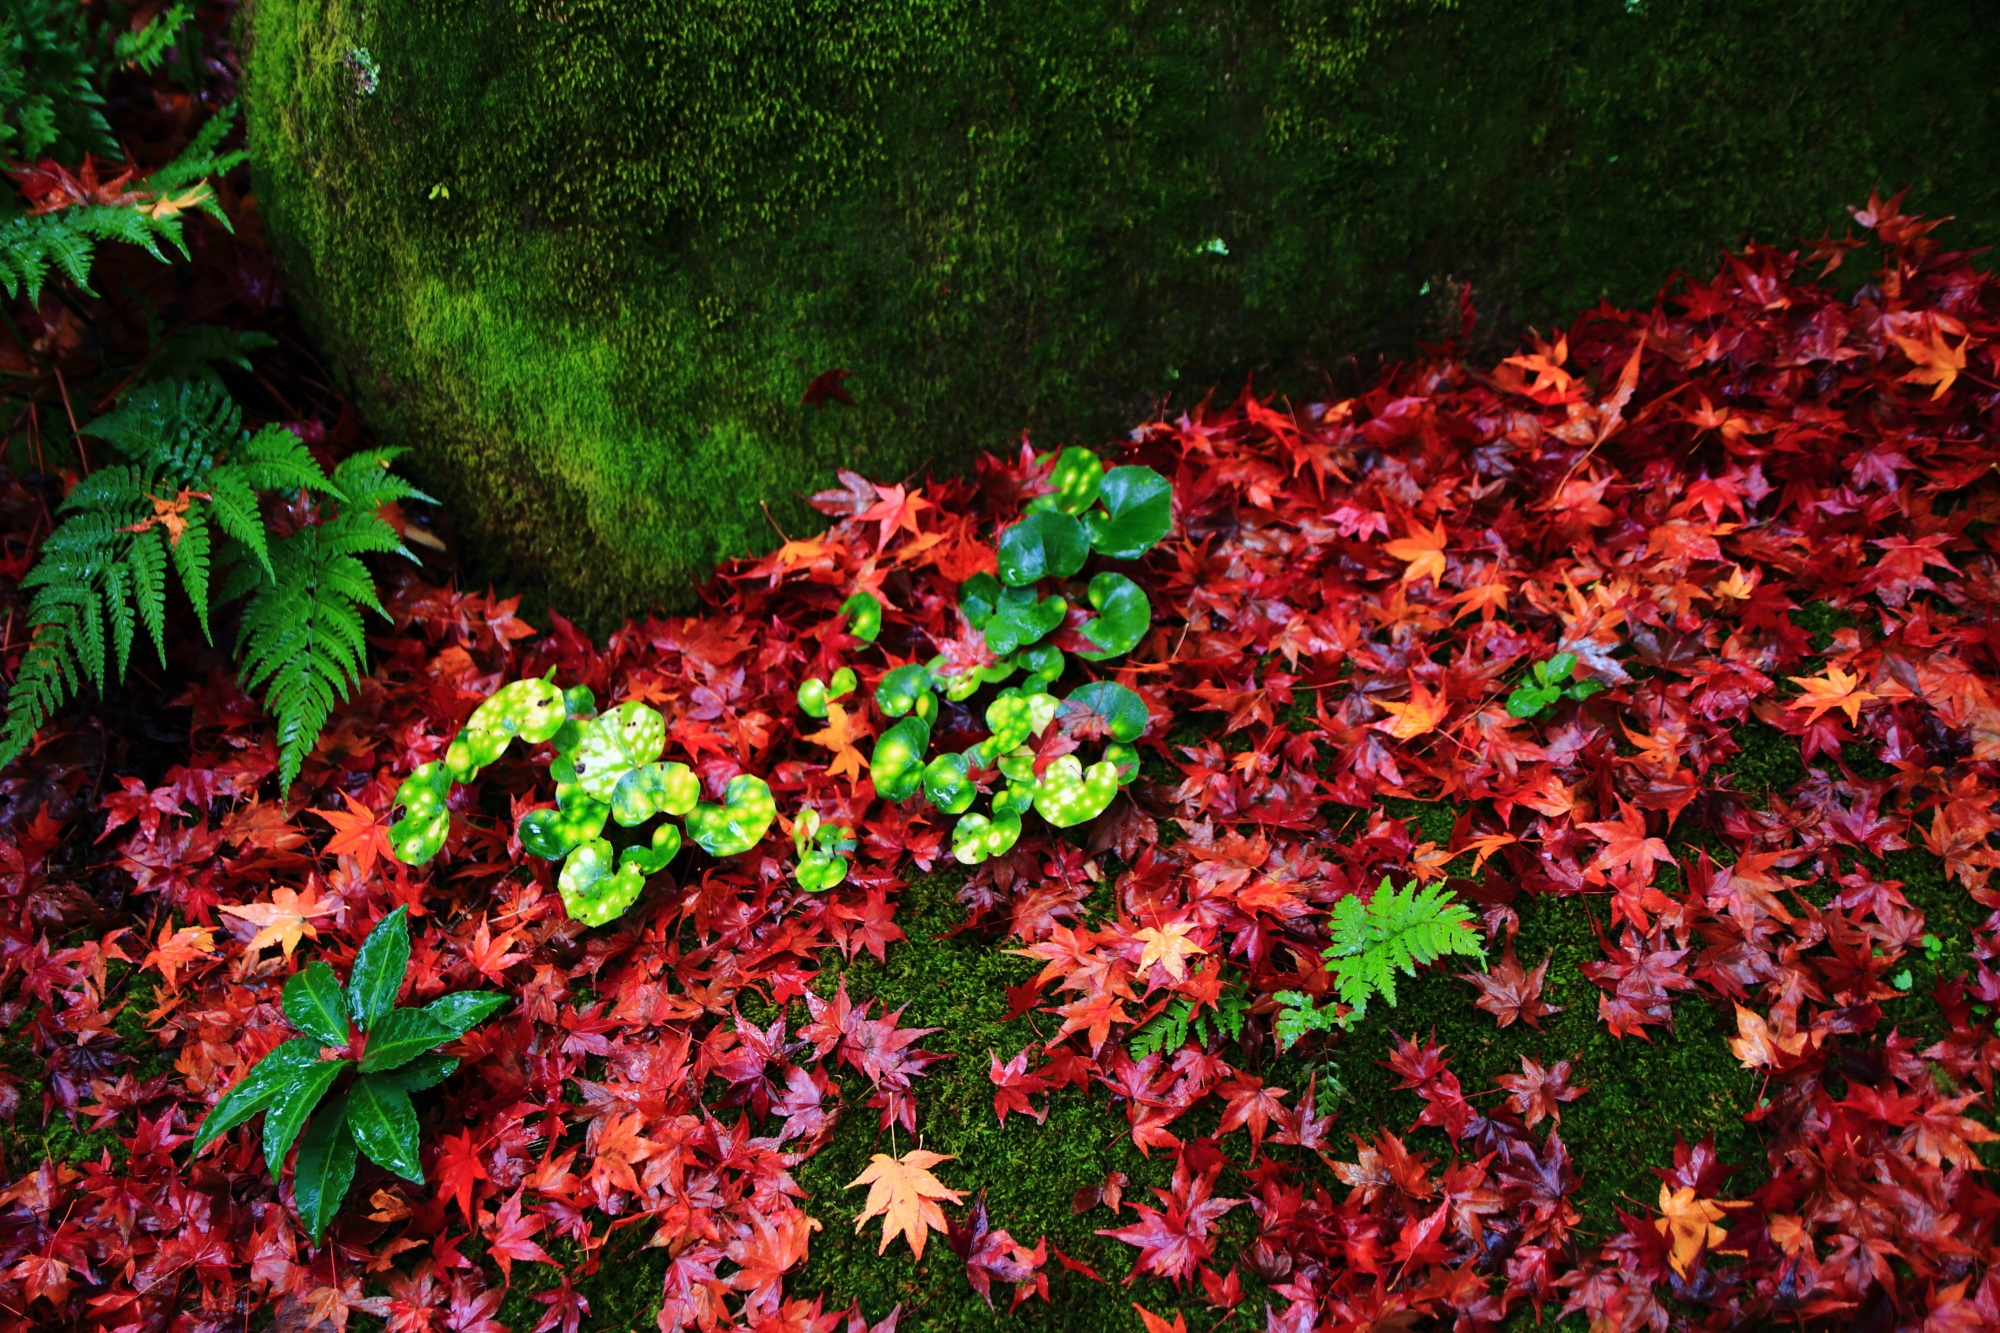 じきしあんの緑の苔と優美な散りもみじ